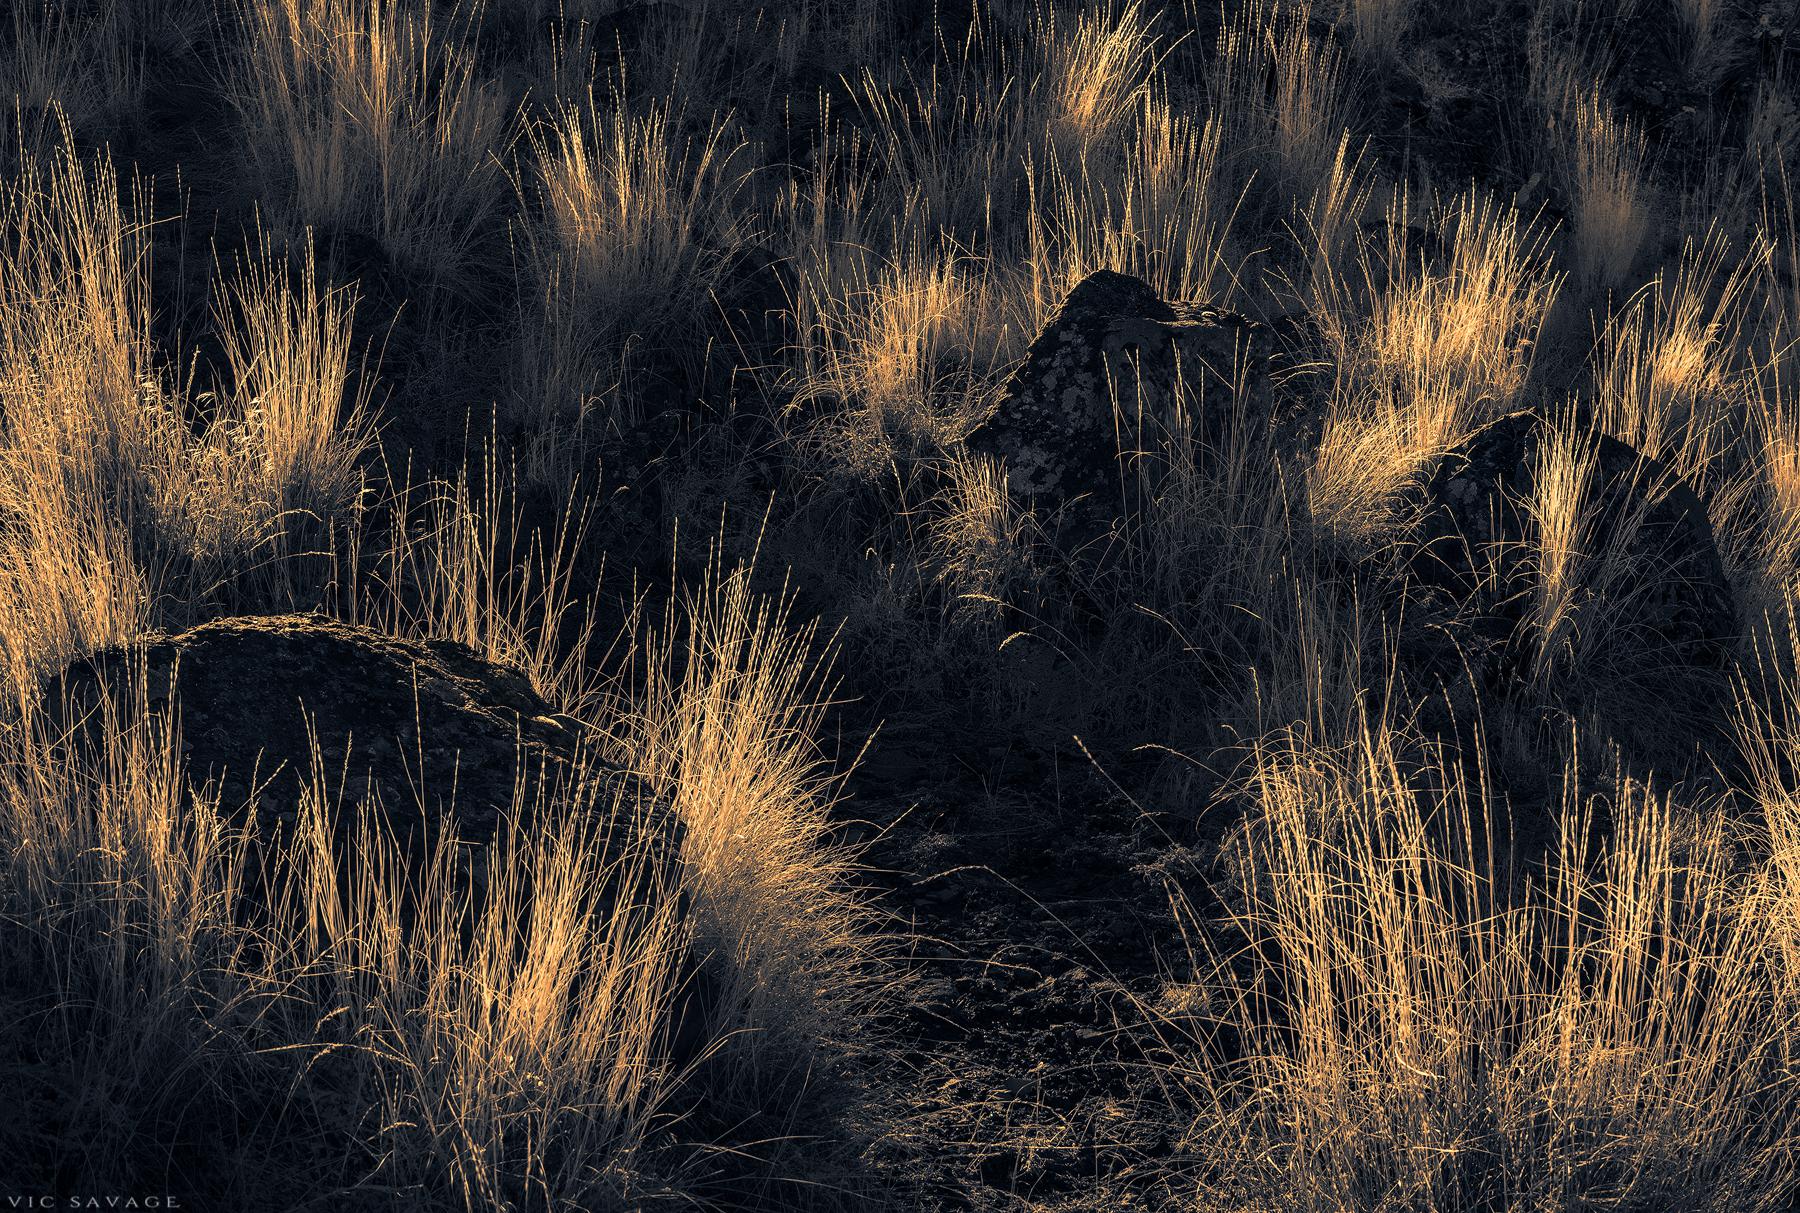 Light Weeds